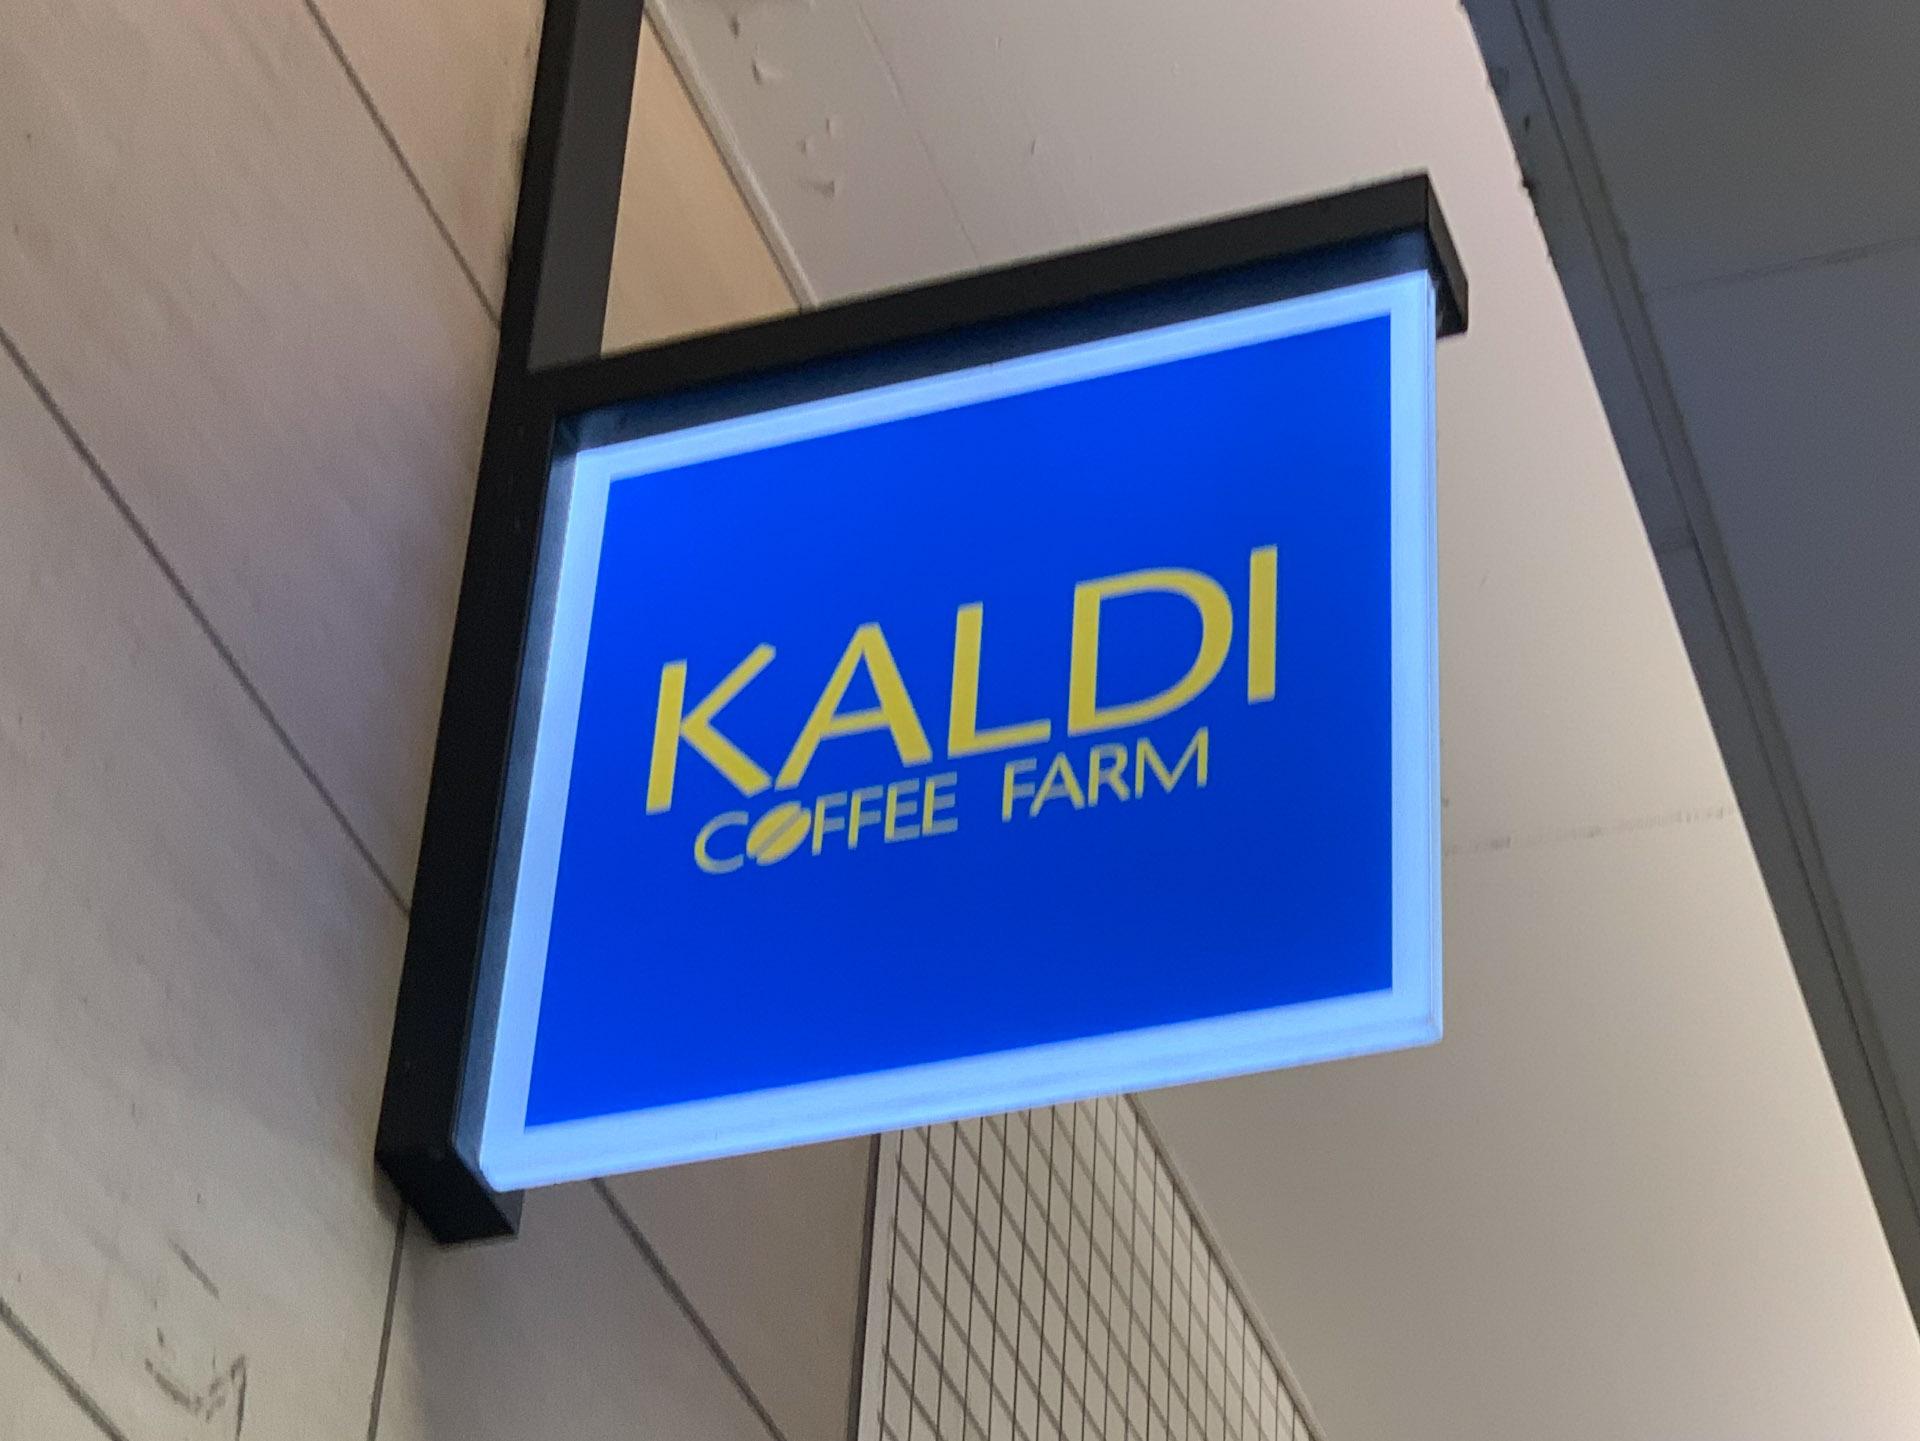 カルディの冷凍食品はどれも本格派!おすすめのパンやケーキなど人気商品をご紹介